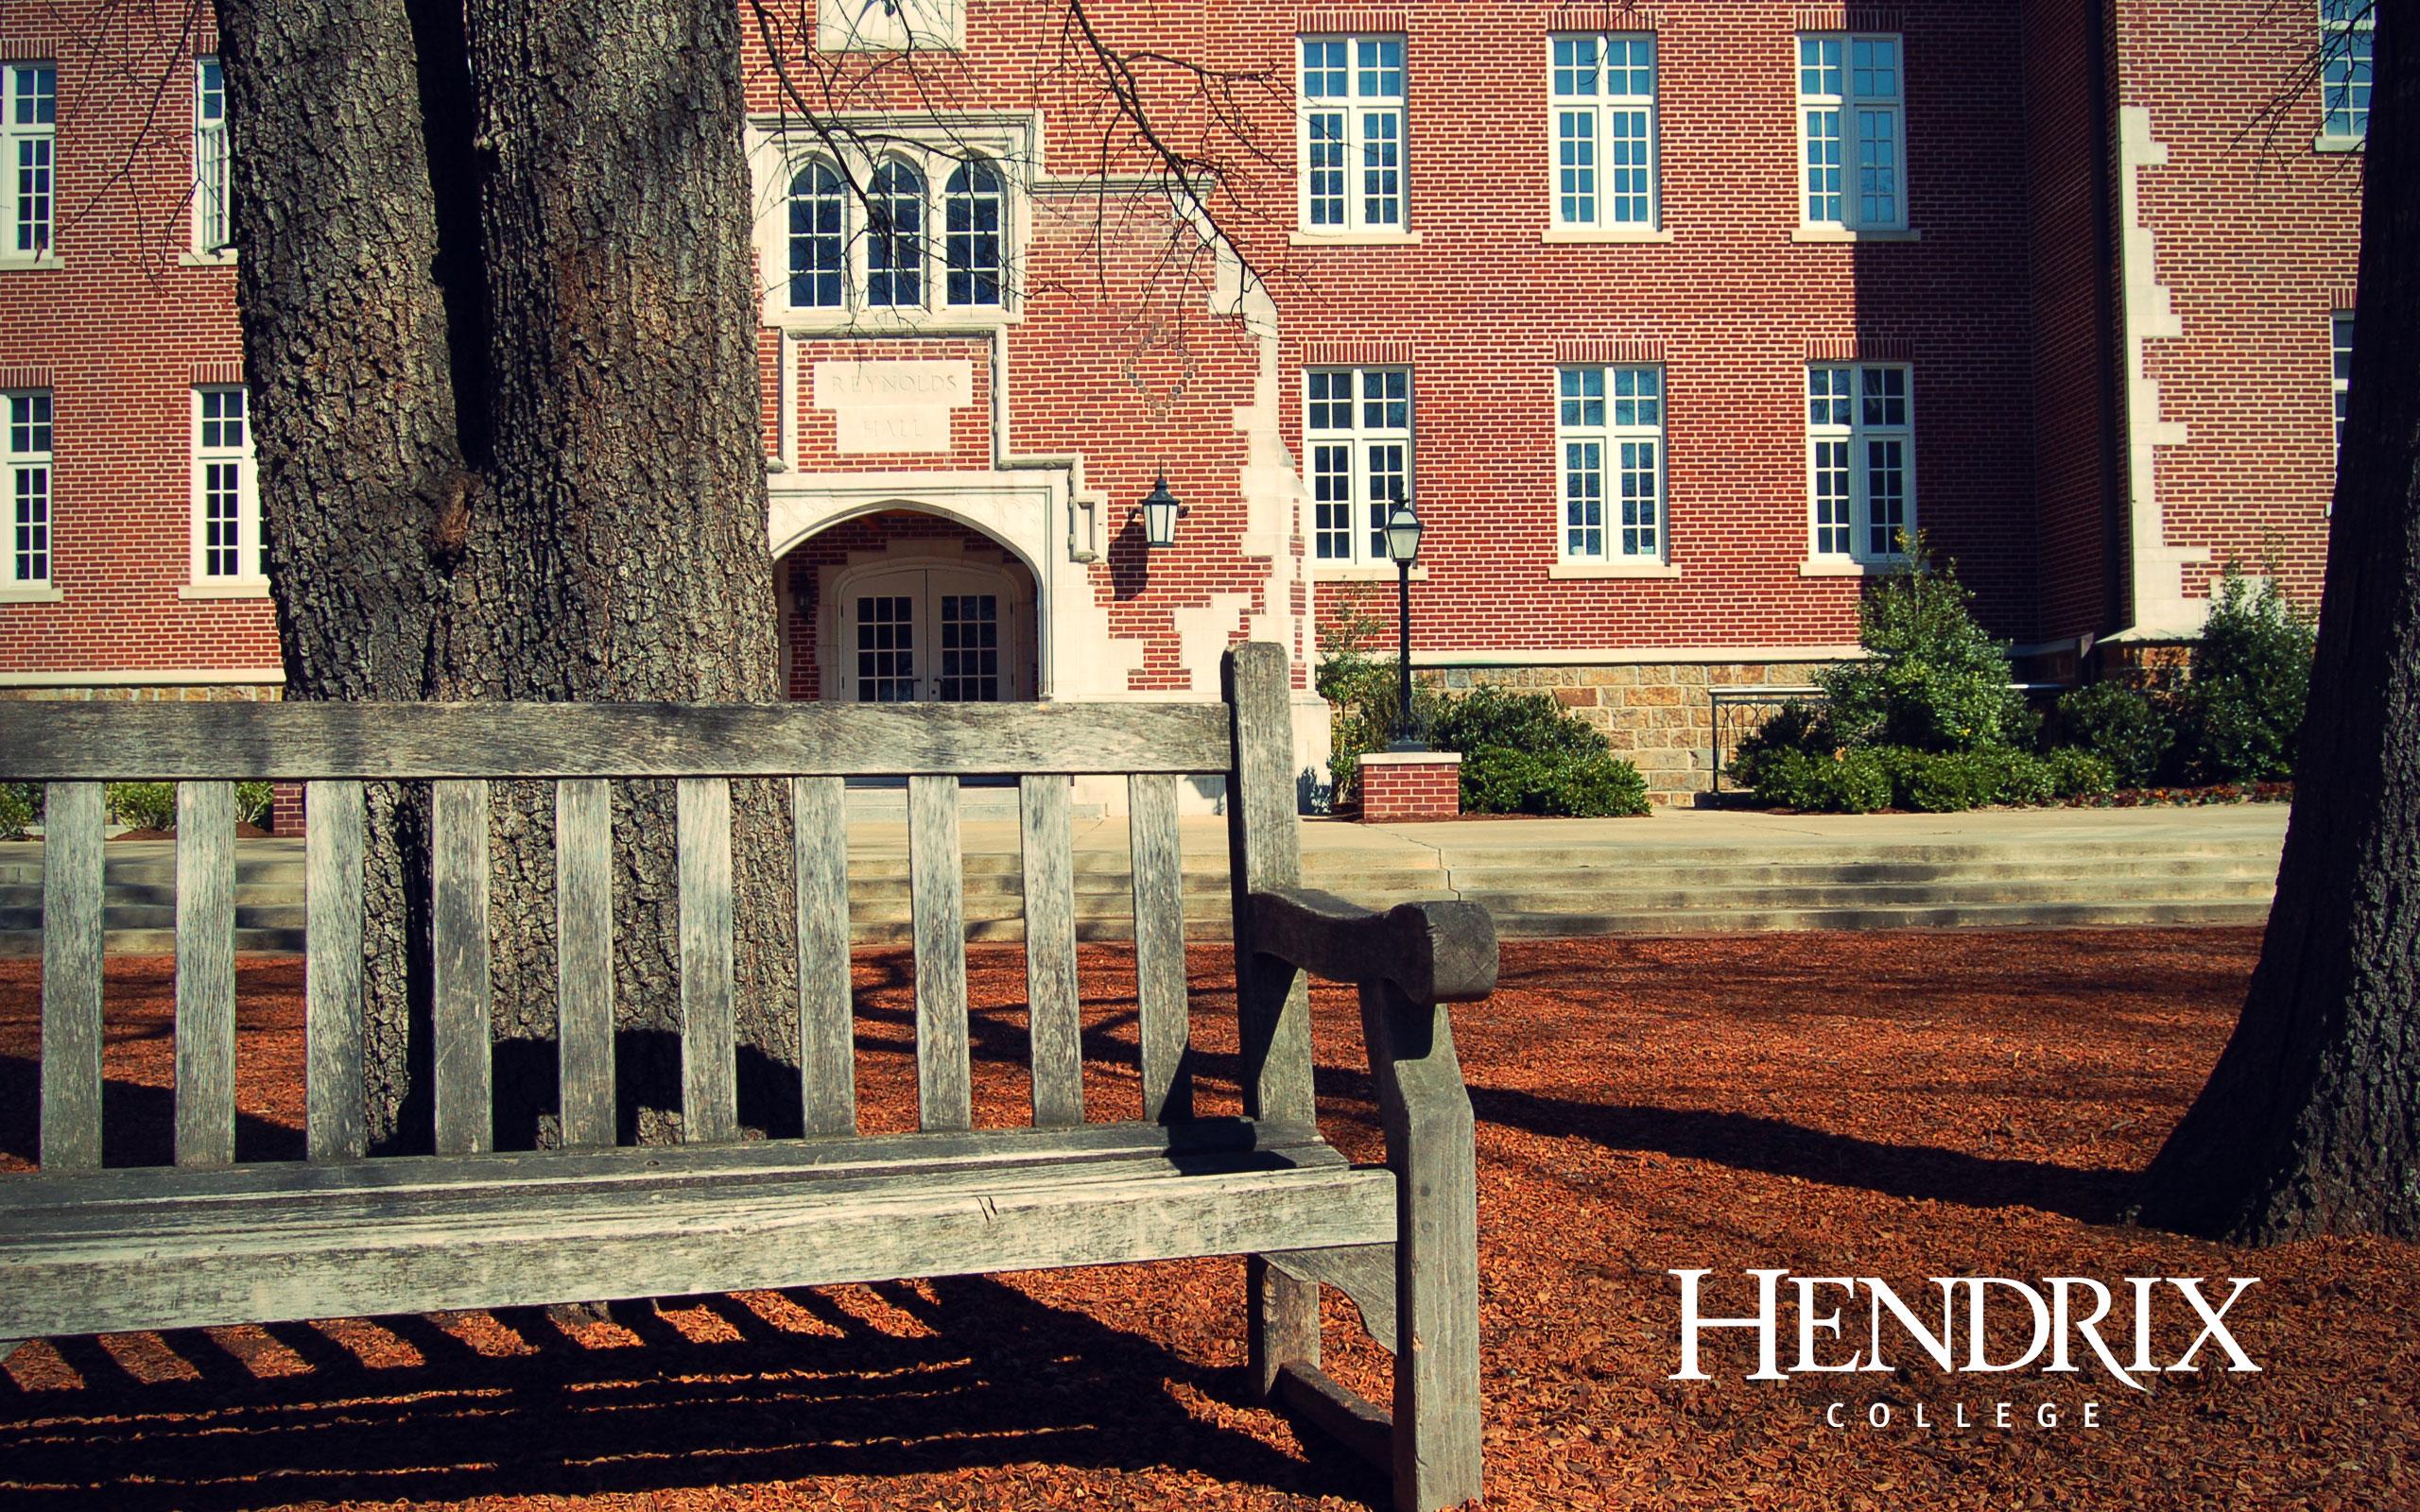 hendrix wallpapers | hendrix college